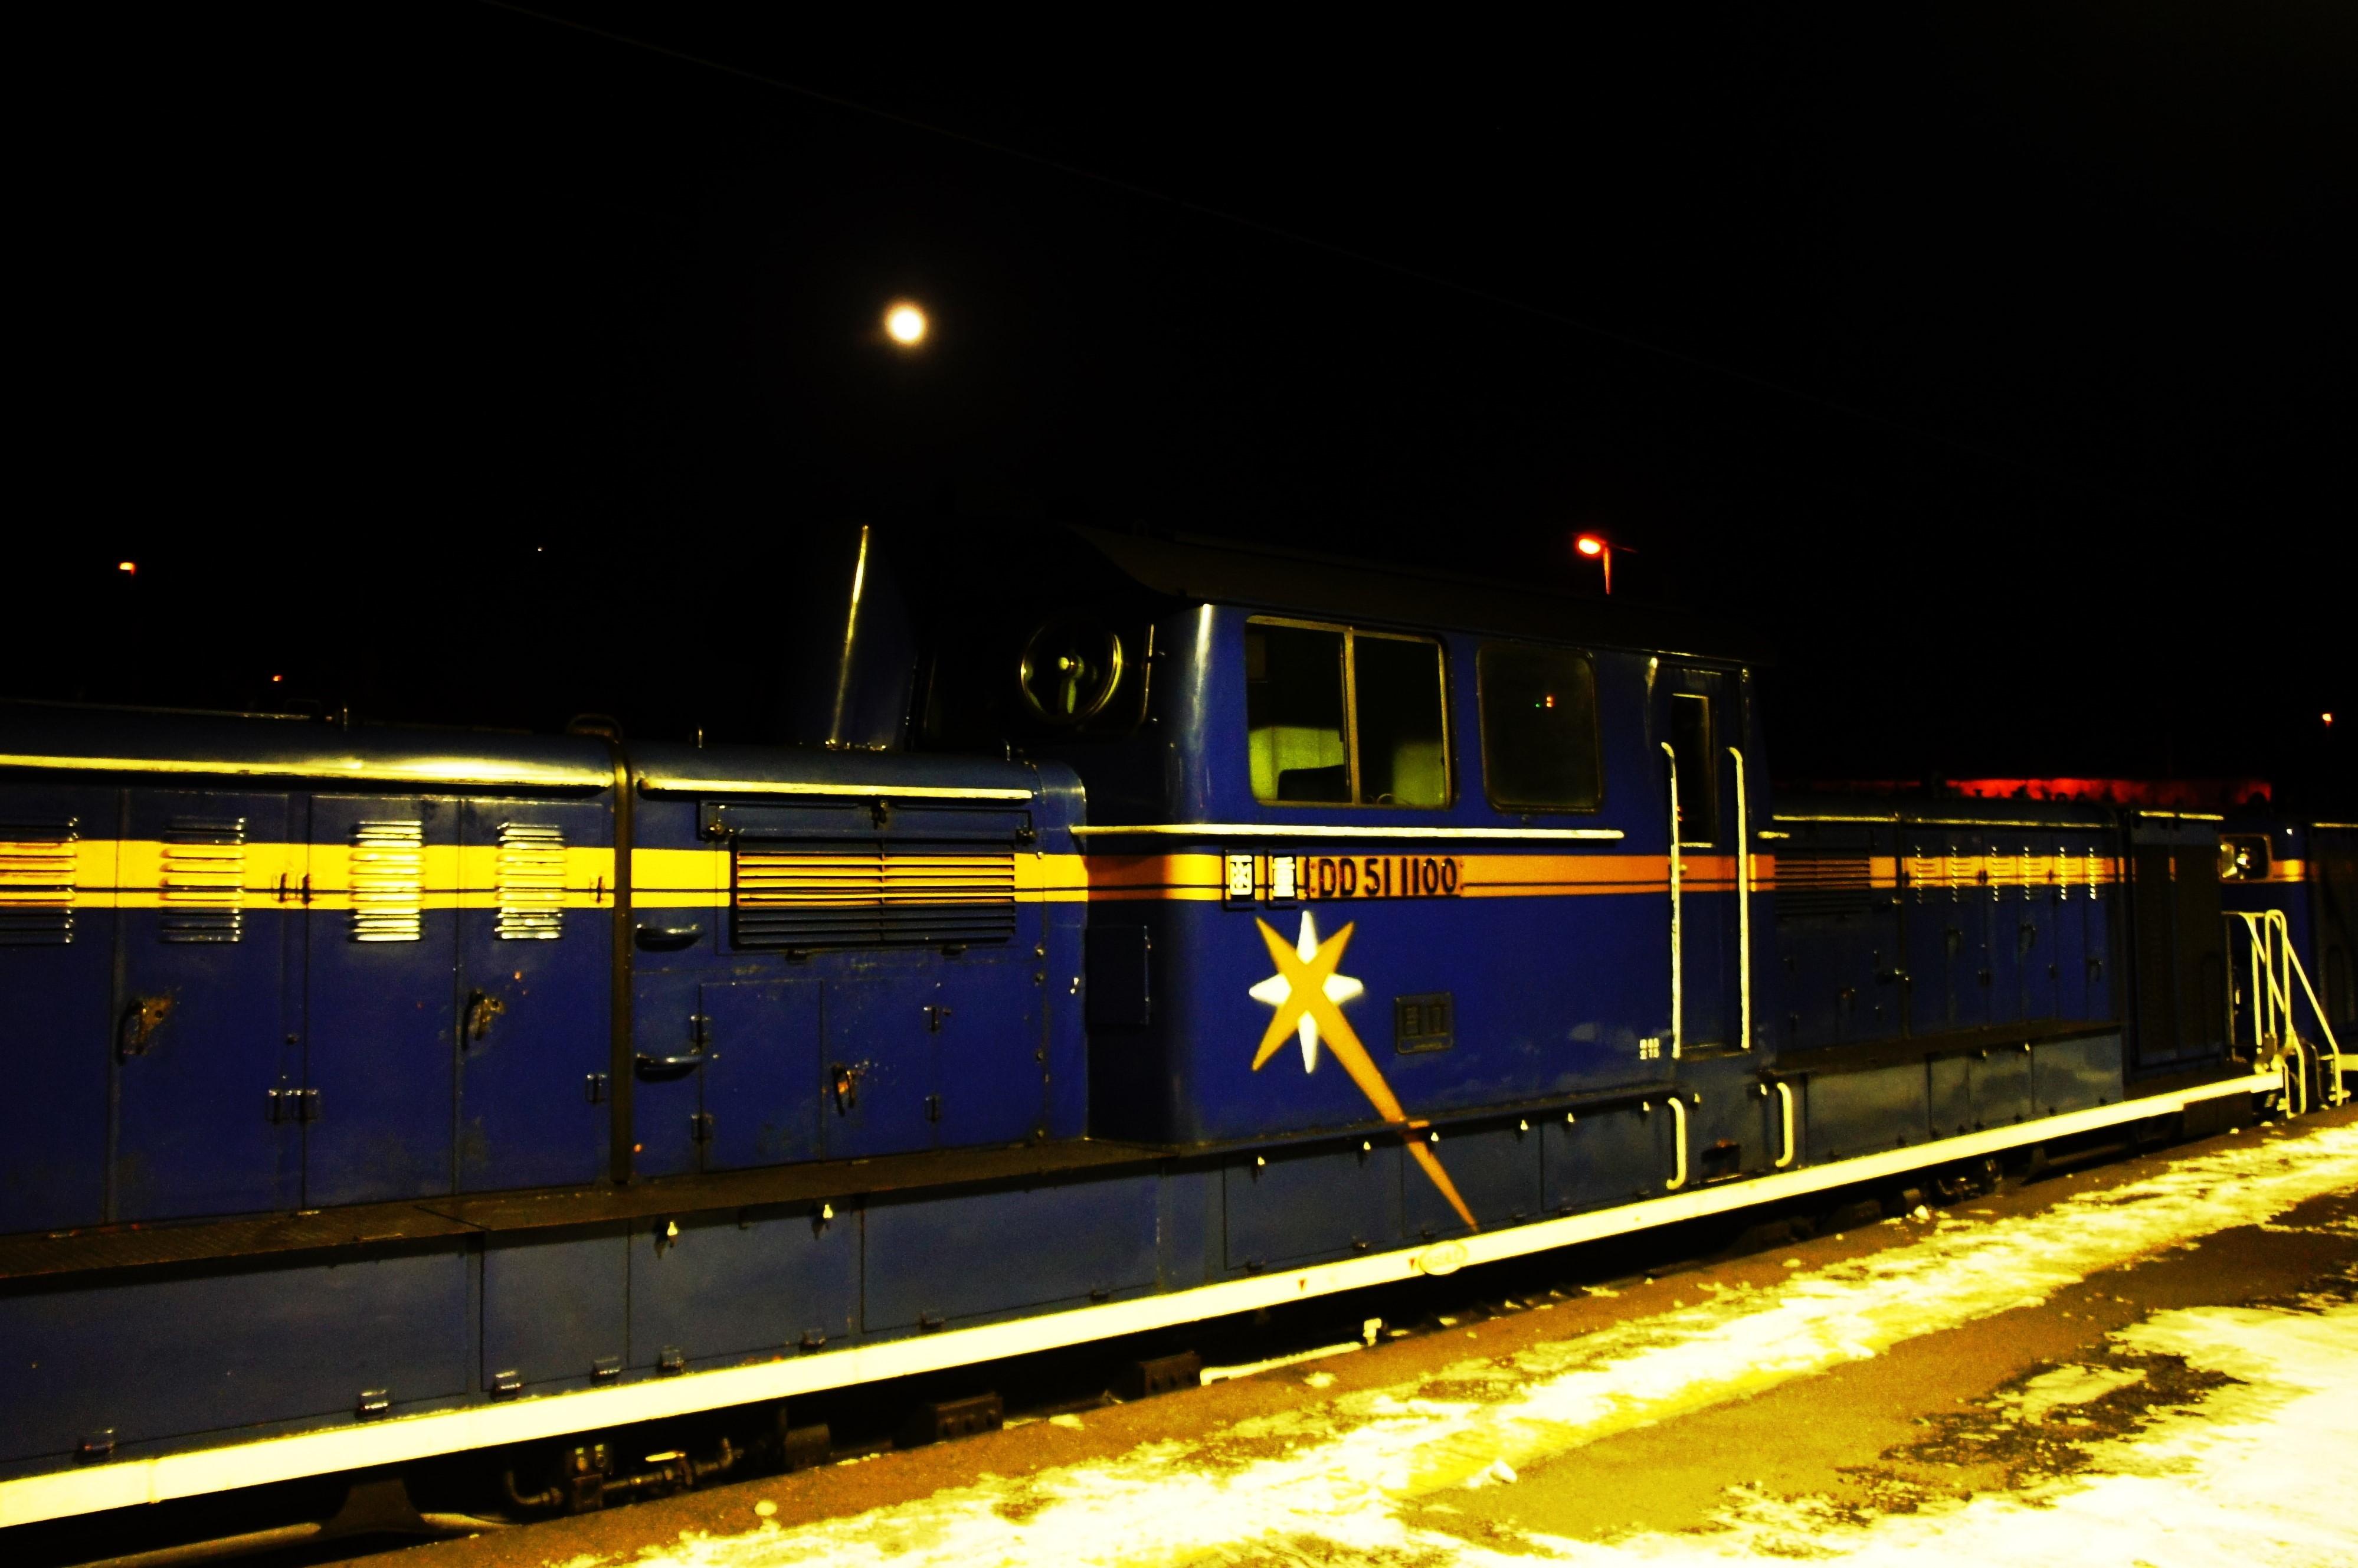 夜汽車の記憶